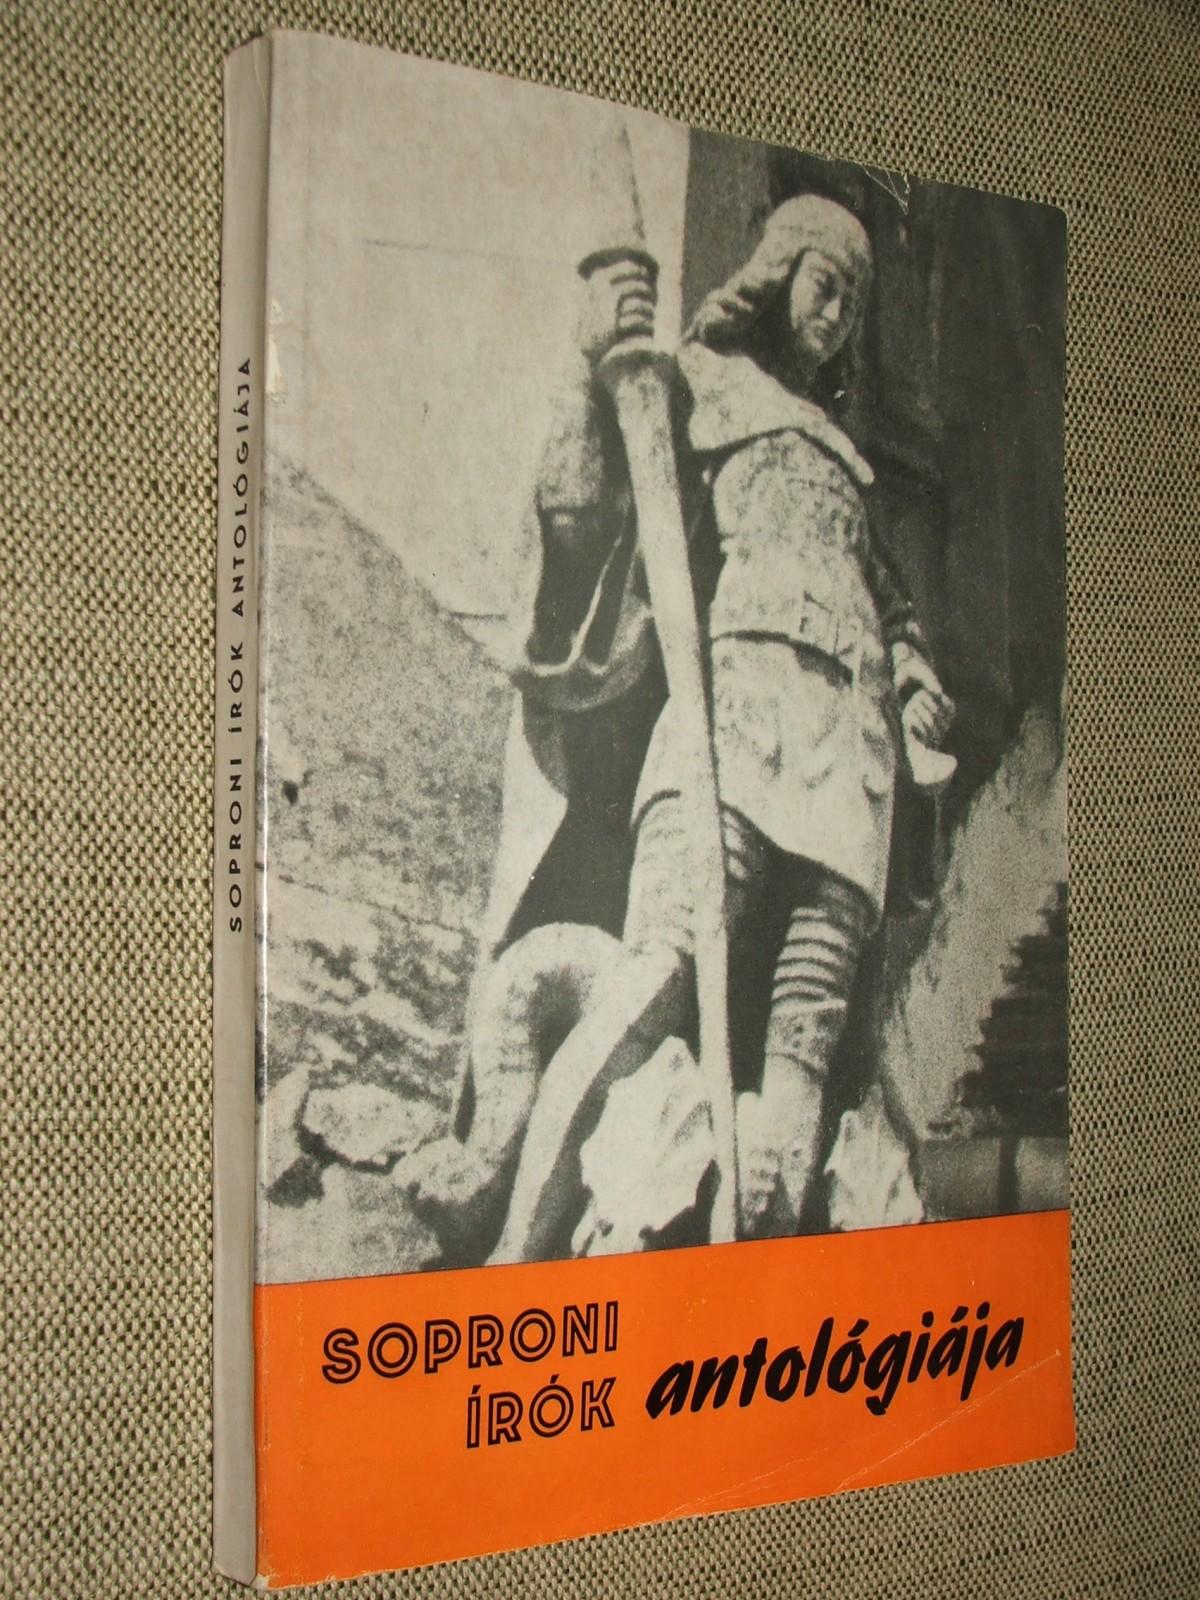 SARKADY Sándor: Soproni írók antológiája